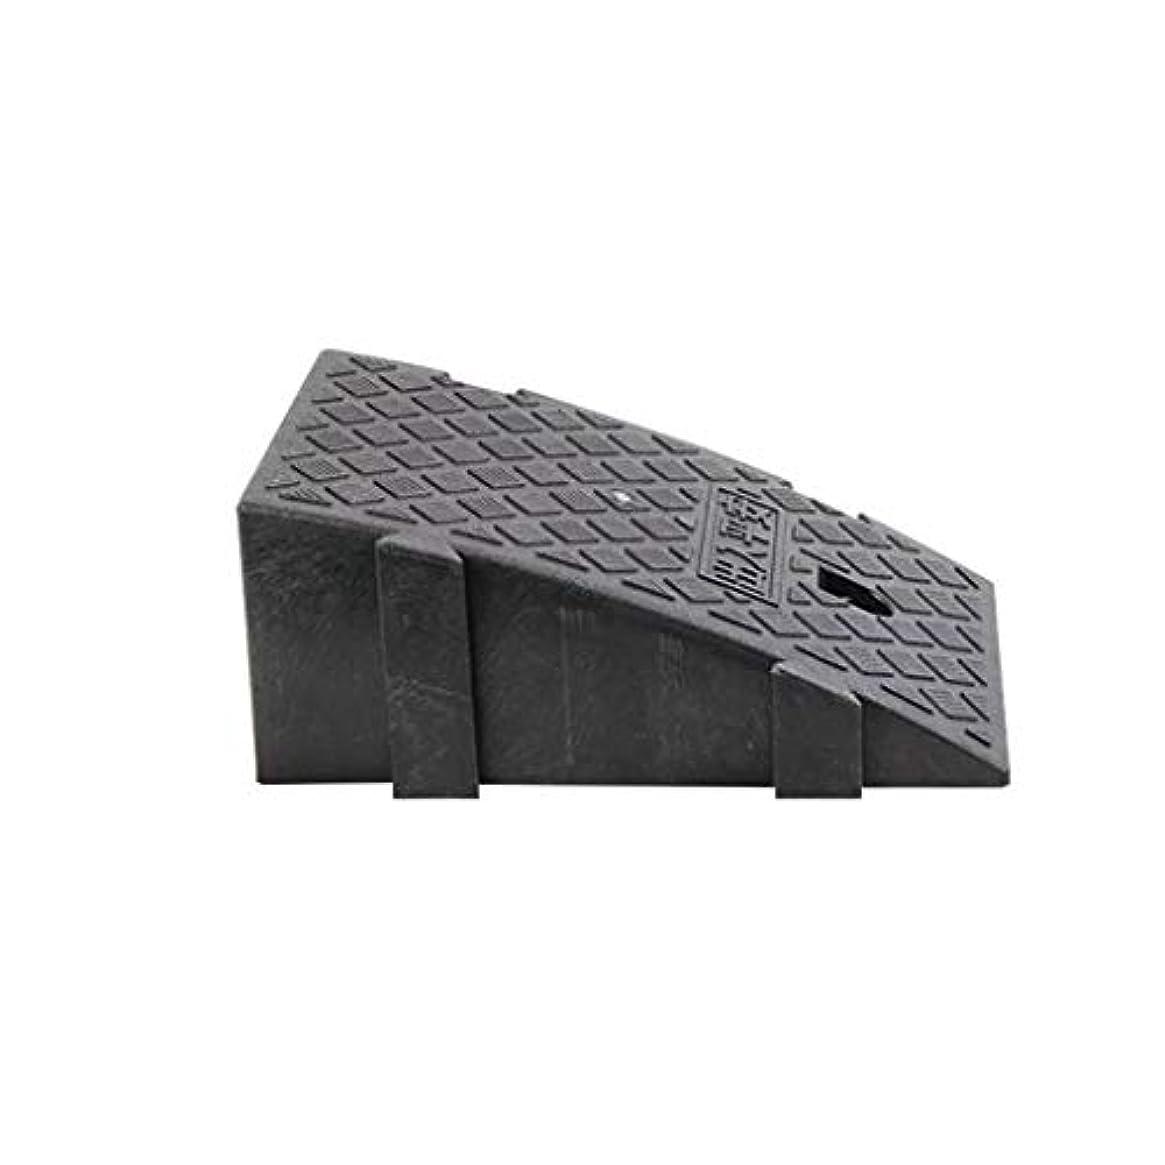 忌避剤強大なアルカトラズ島XUZgag ポータブルスロープパッド、車用傾斜路ポータブル小型トライアングルパッド上りパッドステップ階段車椅子上りパッド滑り止めマット ノンスリップ (Color : Black, Size : 24.5*43.5*18.5CM)